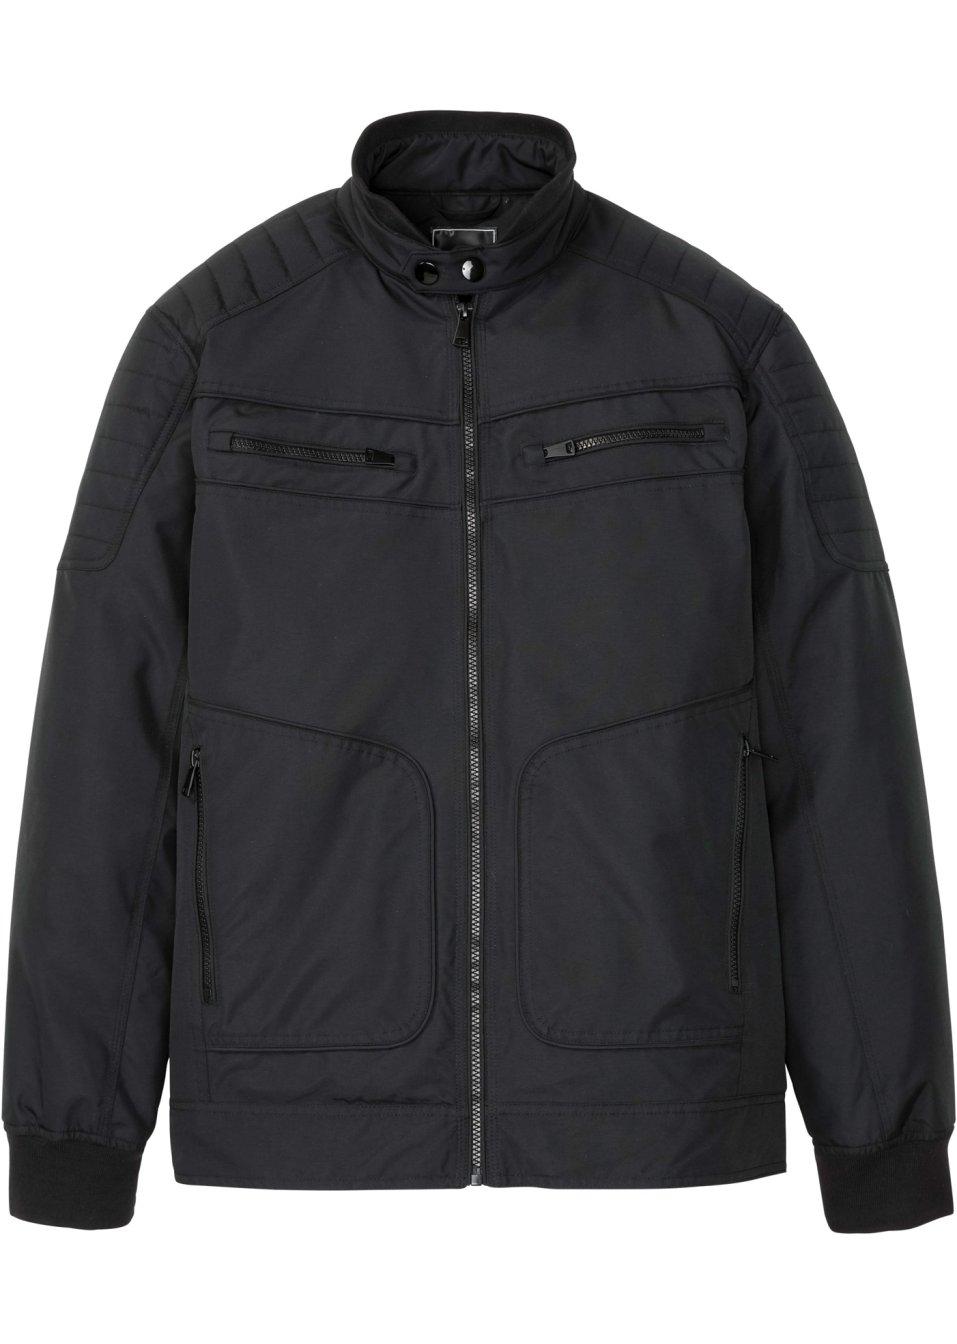 Coole Jacke im Bikerstil mit vielen Details und Reißverschlusstaschen. - schwarz 2xMOR MktaO